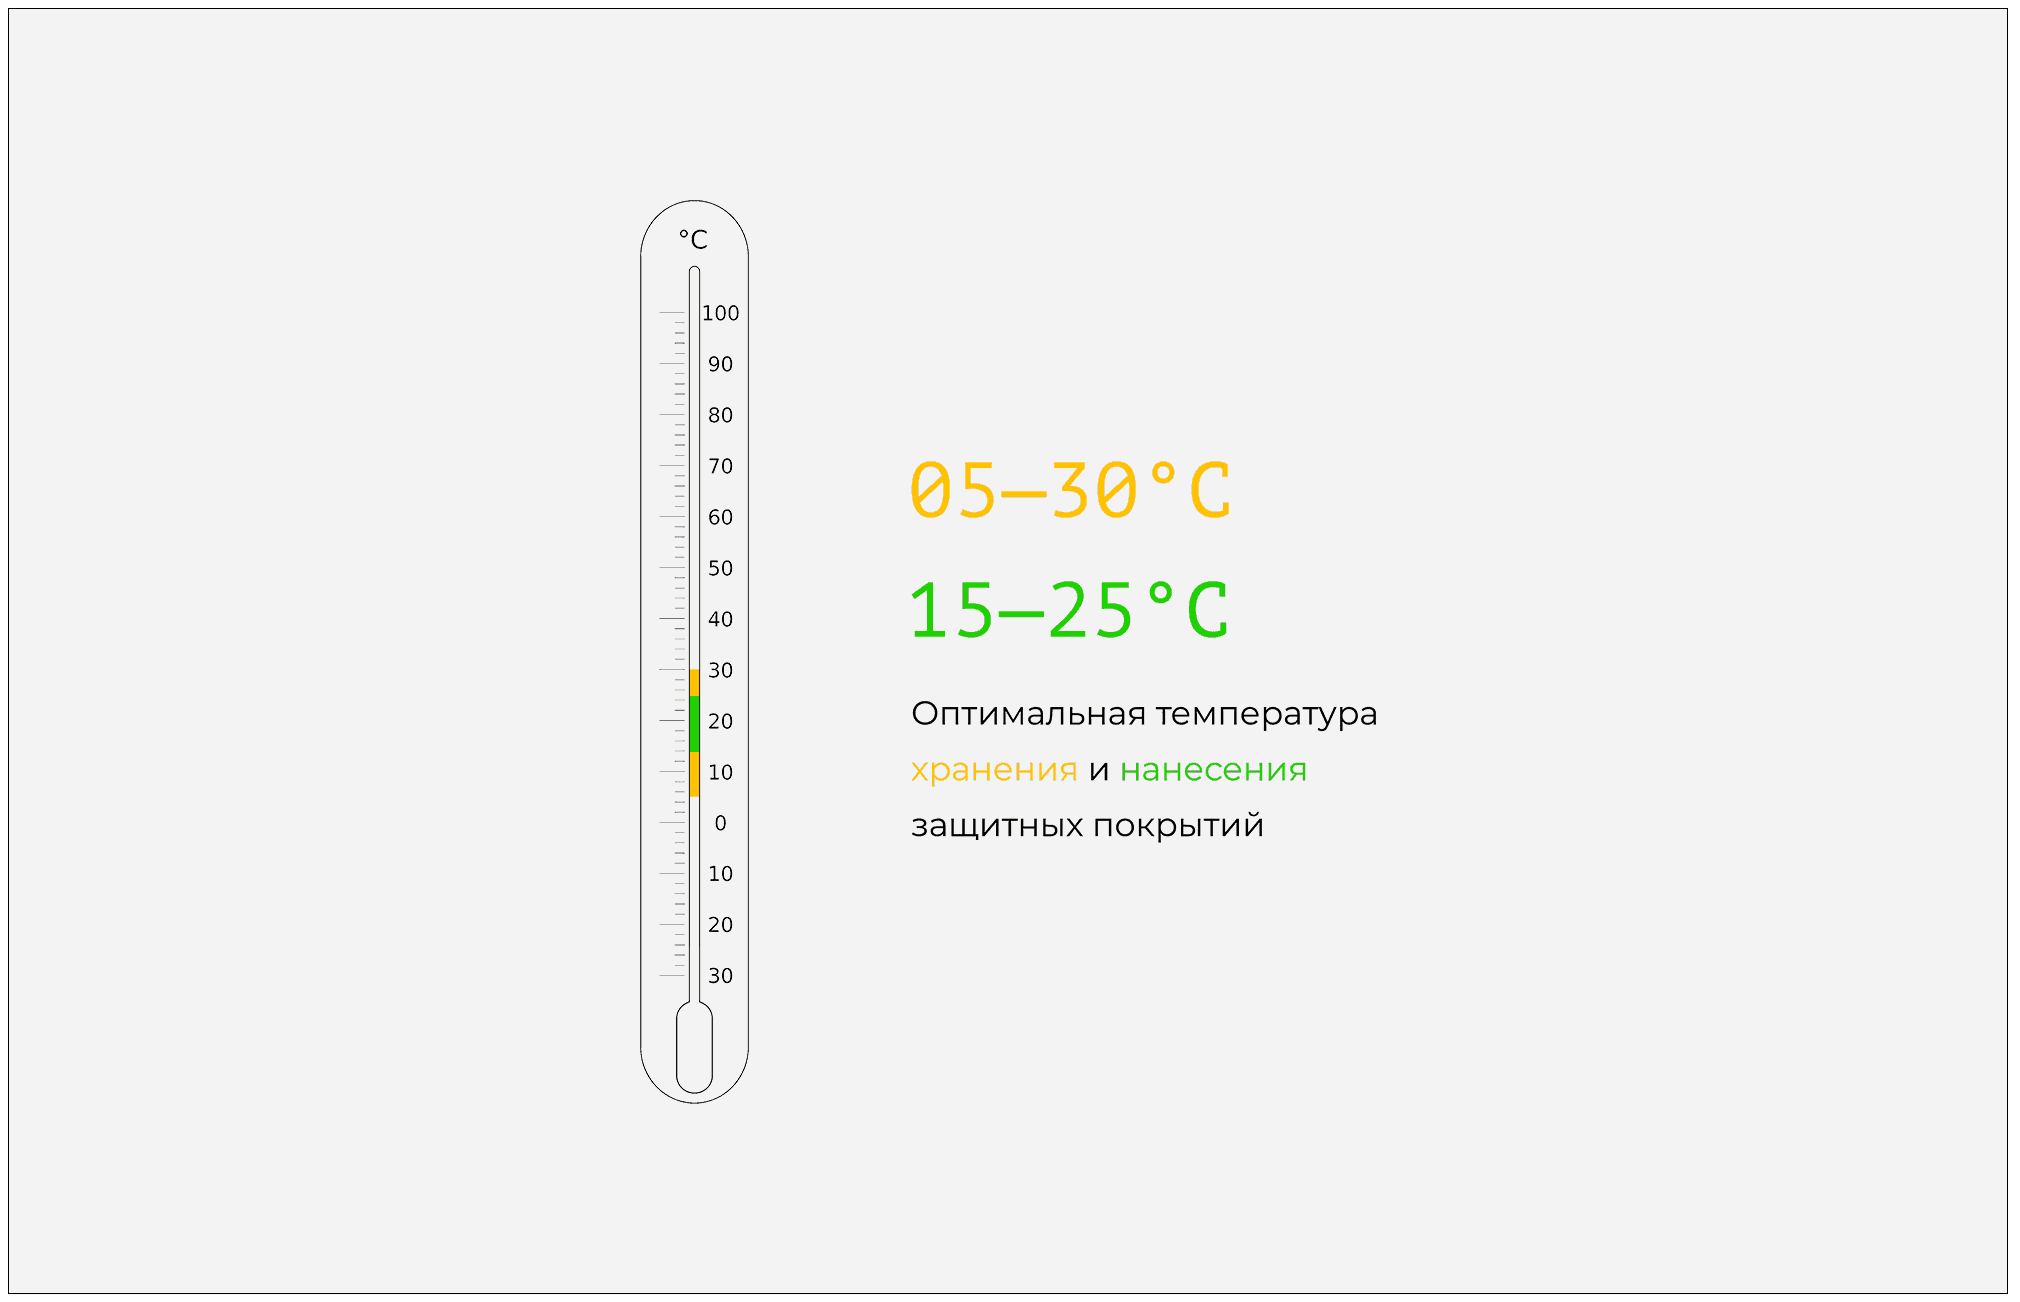 Оптимальная температура для нанесения защитных покрытий